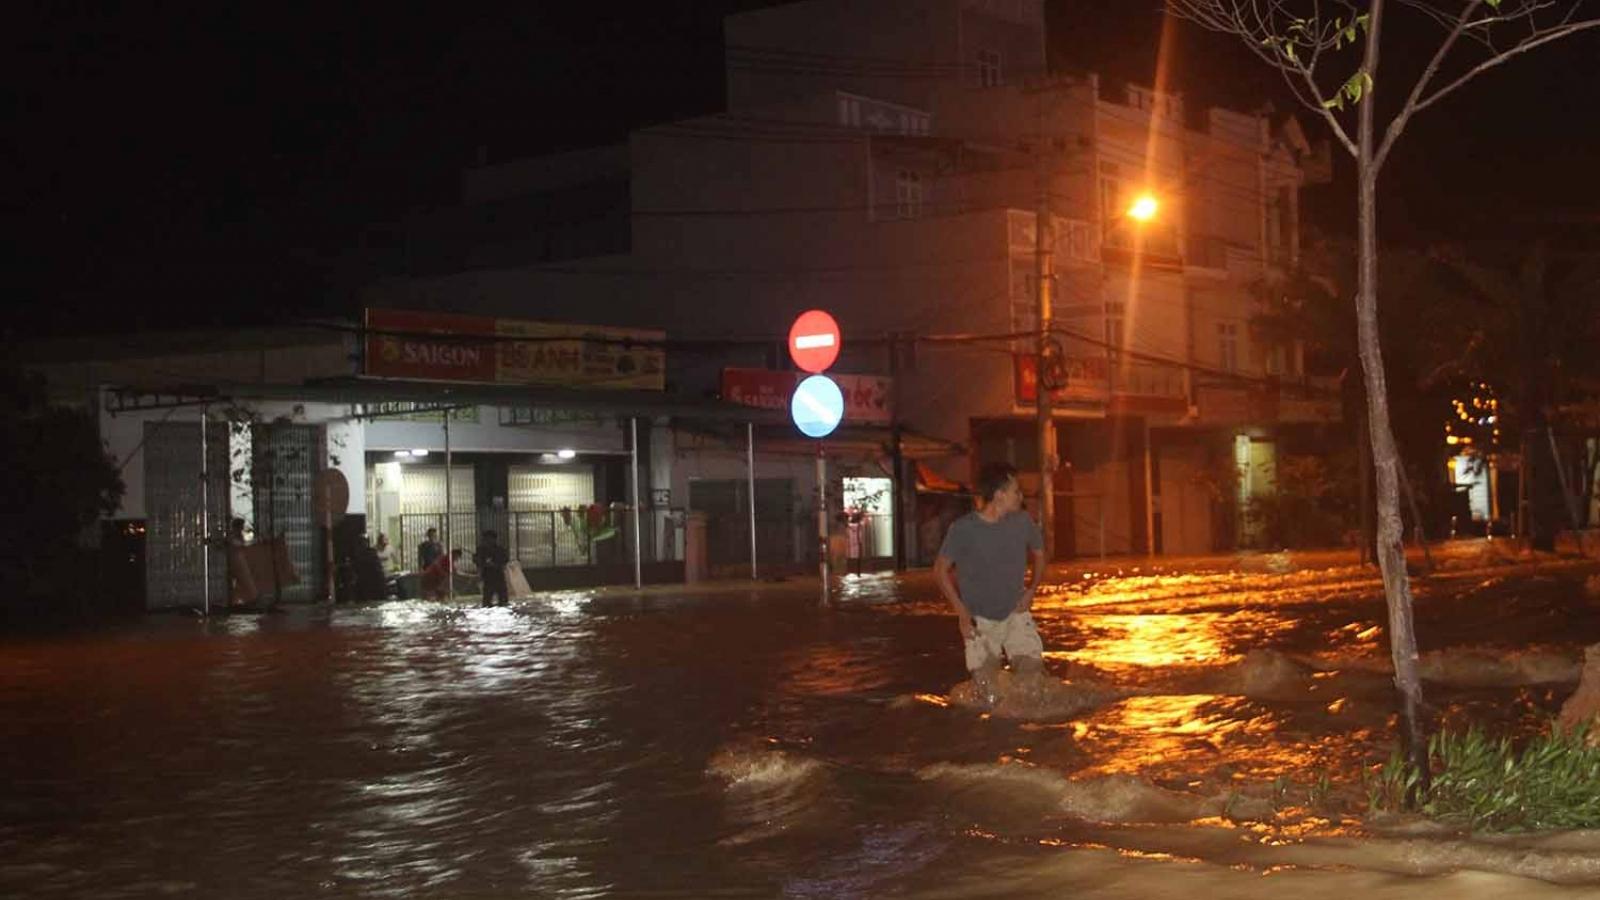 Bình Định: Nước lũ đổ về gây ngập cửa ngõ vào thành phố Quy Nhơn